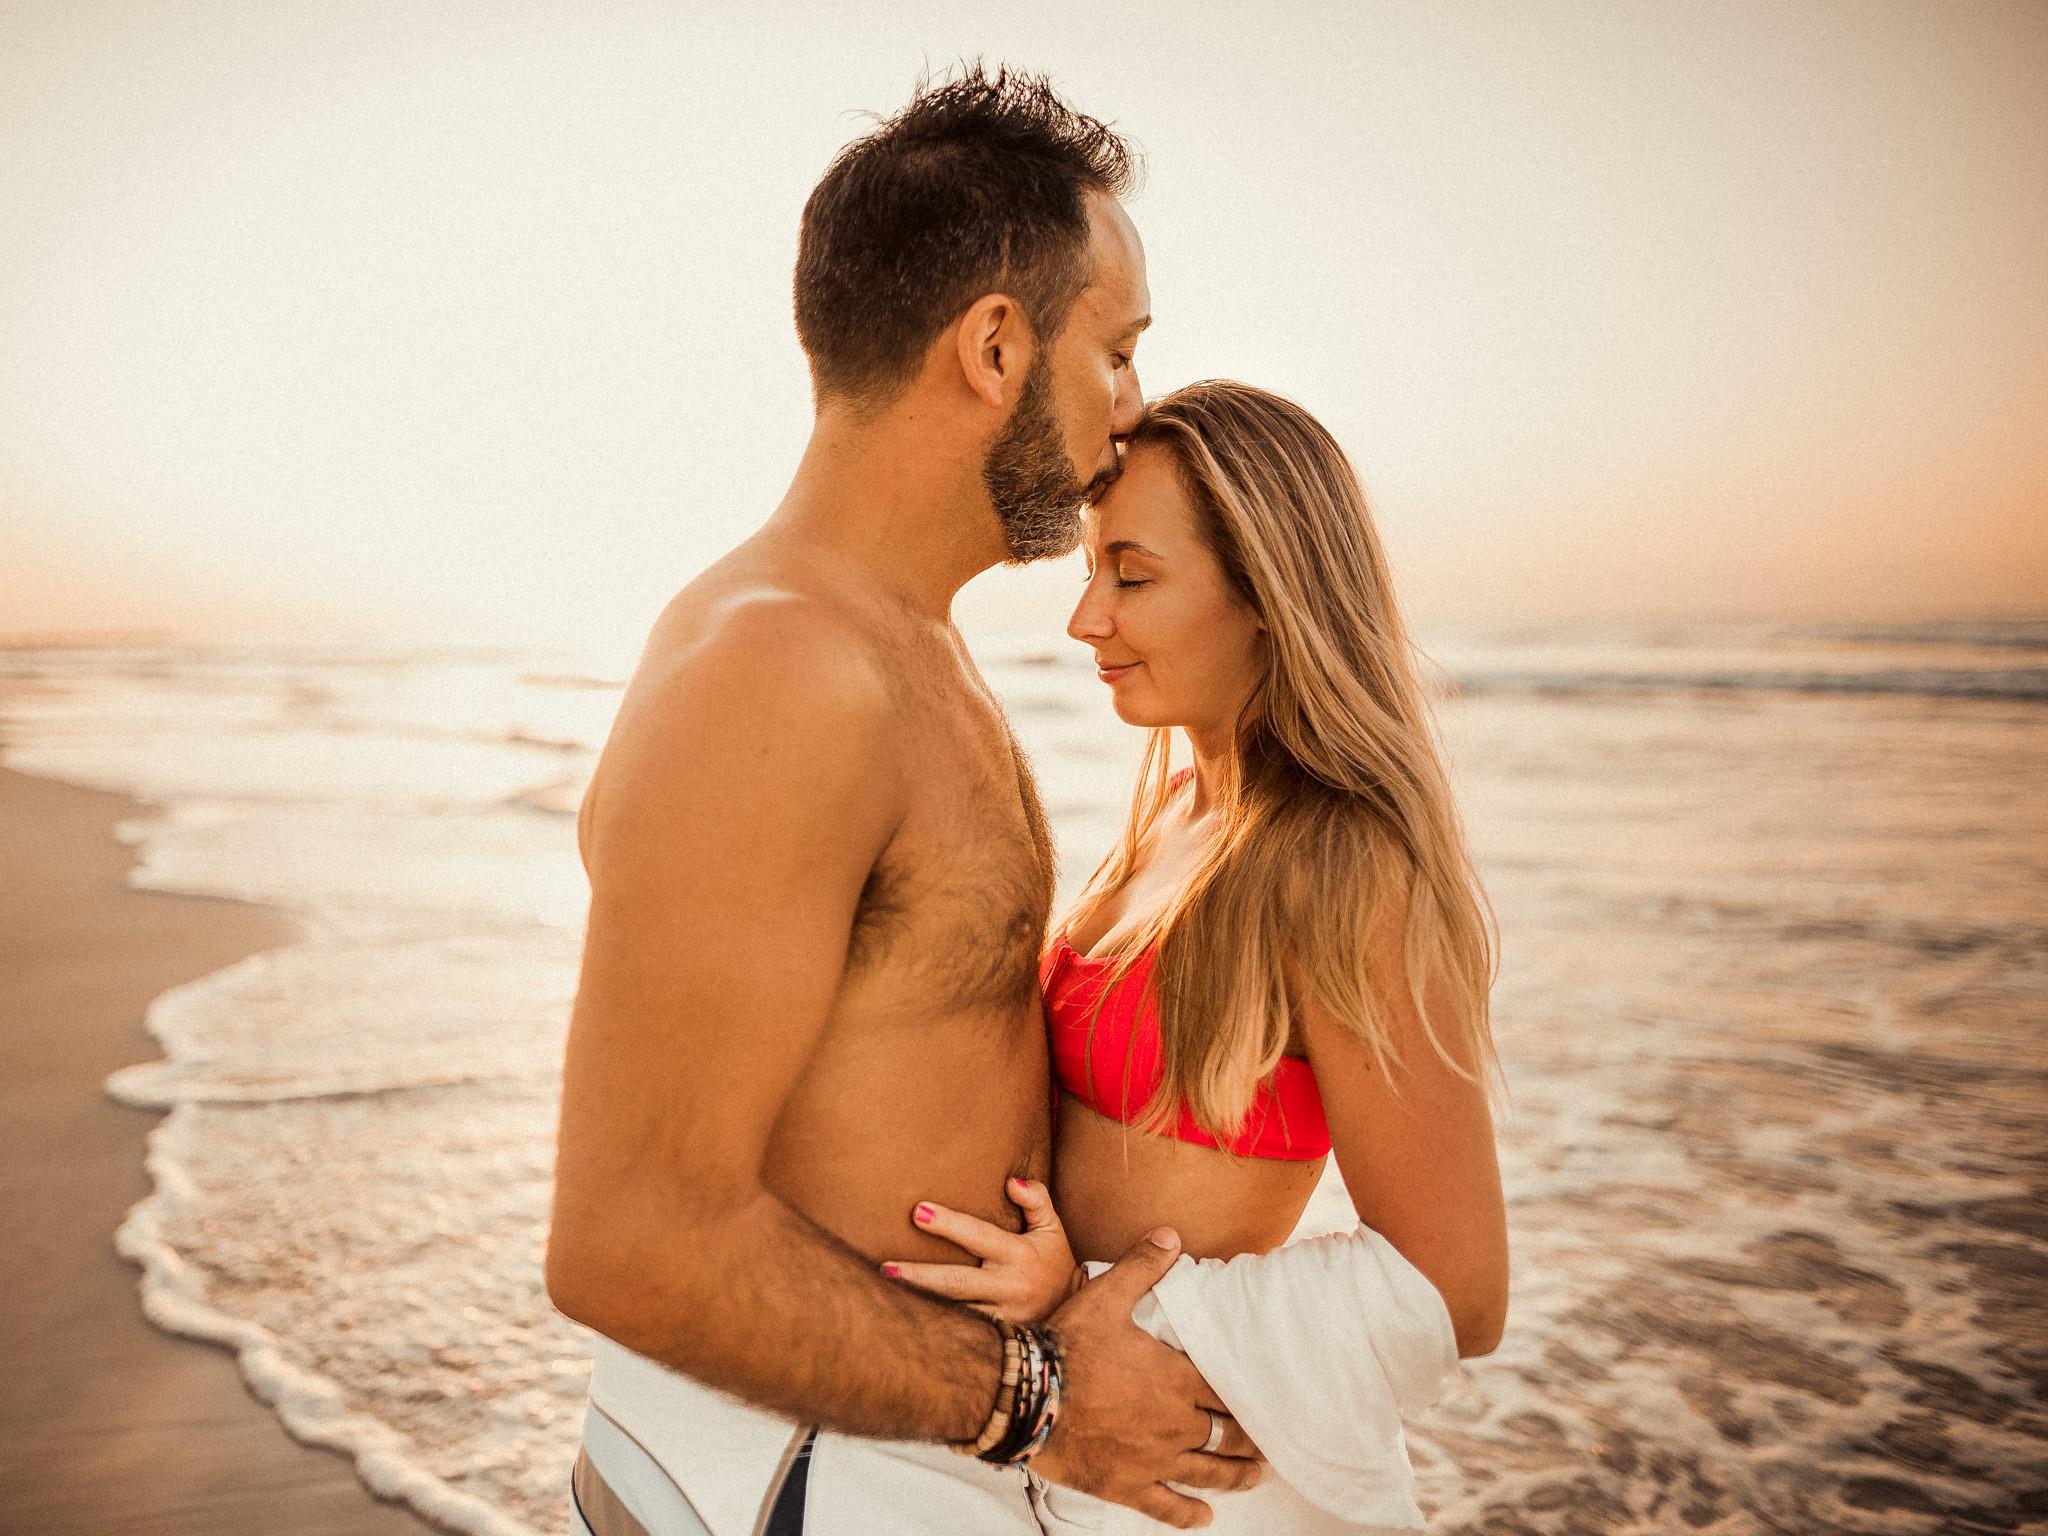 pár, láska, úsmev, bozk, more, oceán, palmy, západ slnka, šťastie, romantika, pláž, piesok, Omán